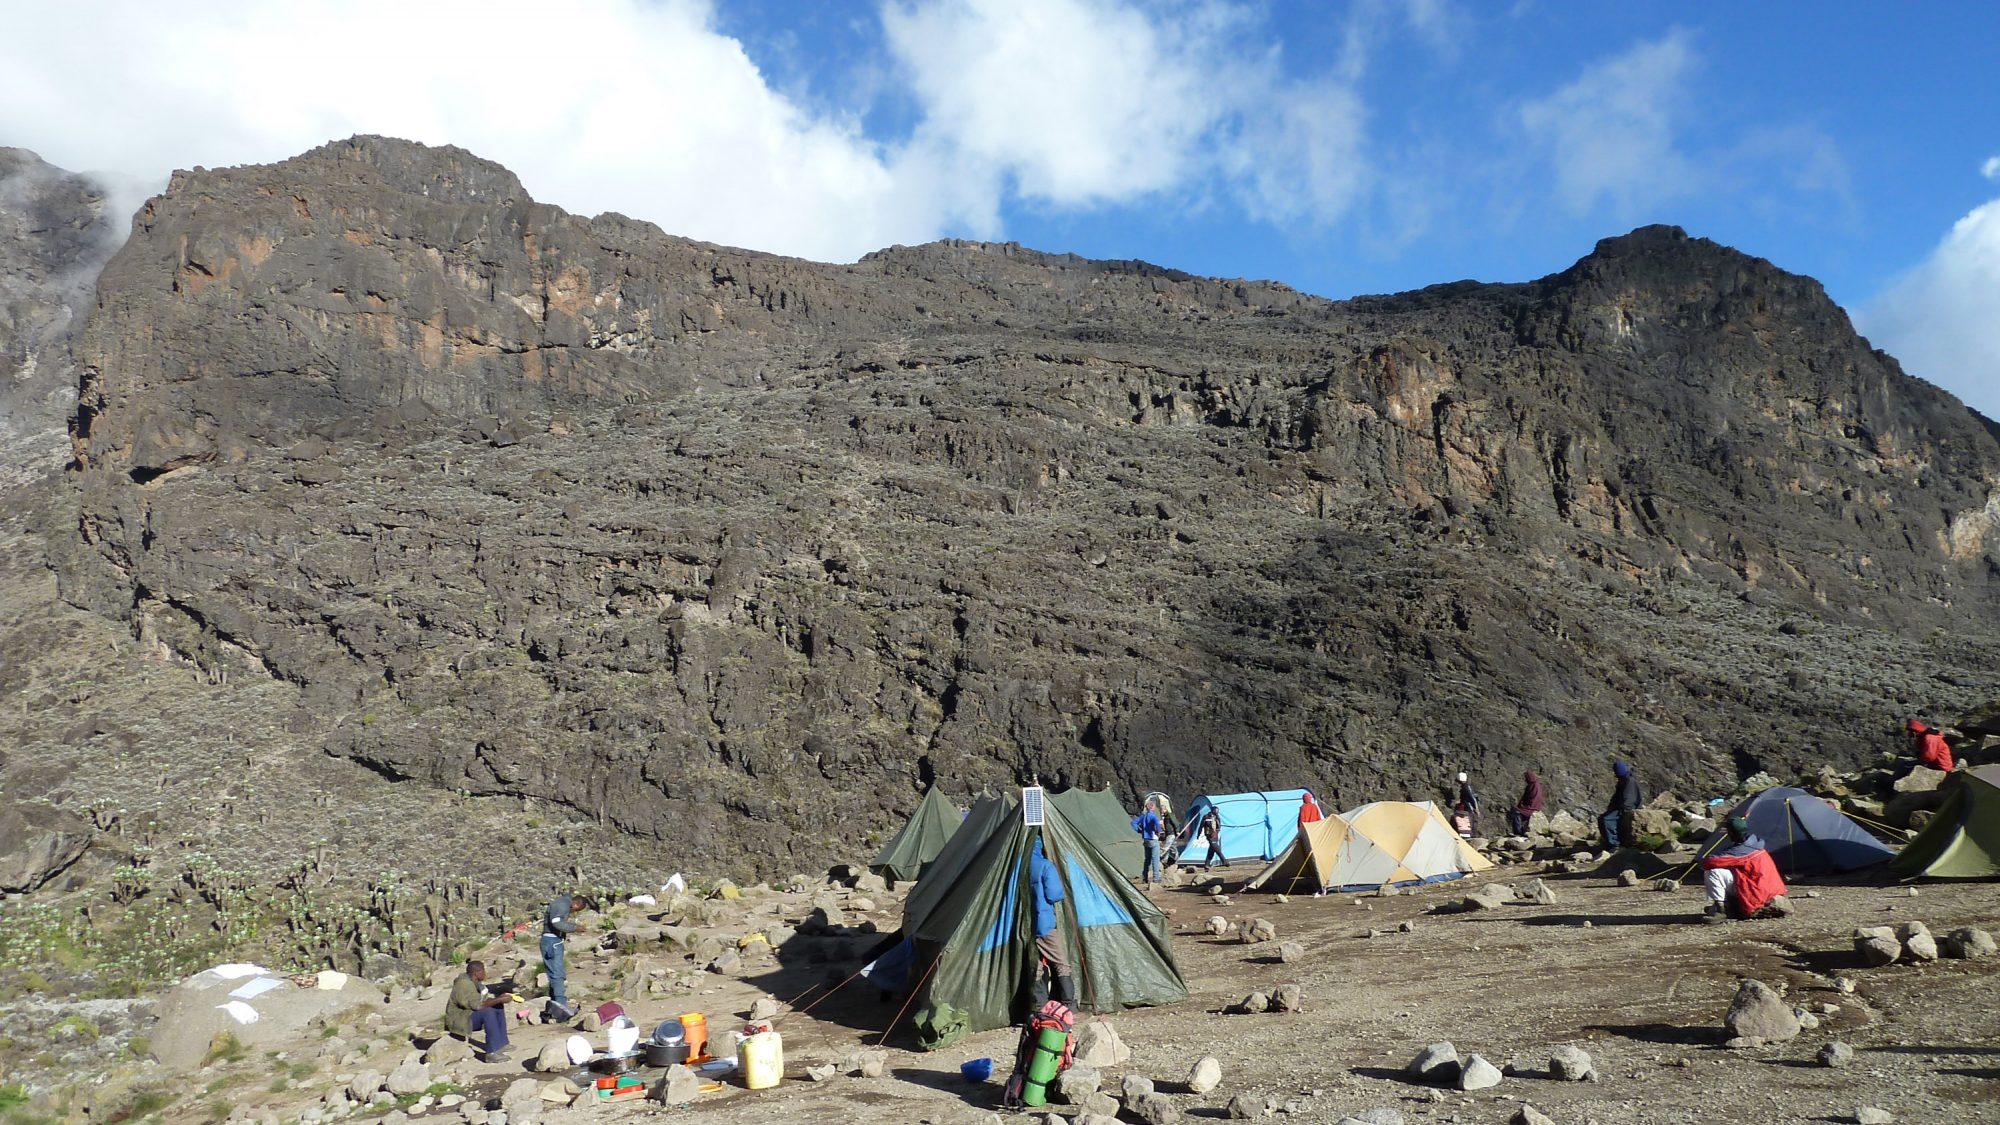 Blick auf die Breakfast Wall, Kilimandscharo, Kilimandscharo besteigen, Tansania, Afrika, Kilimandscharo Tour, Erfahrungsbericht, Machame Route